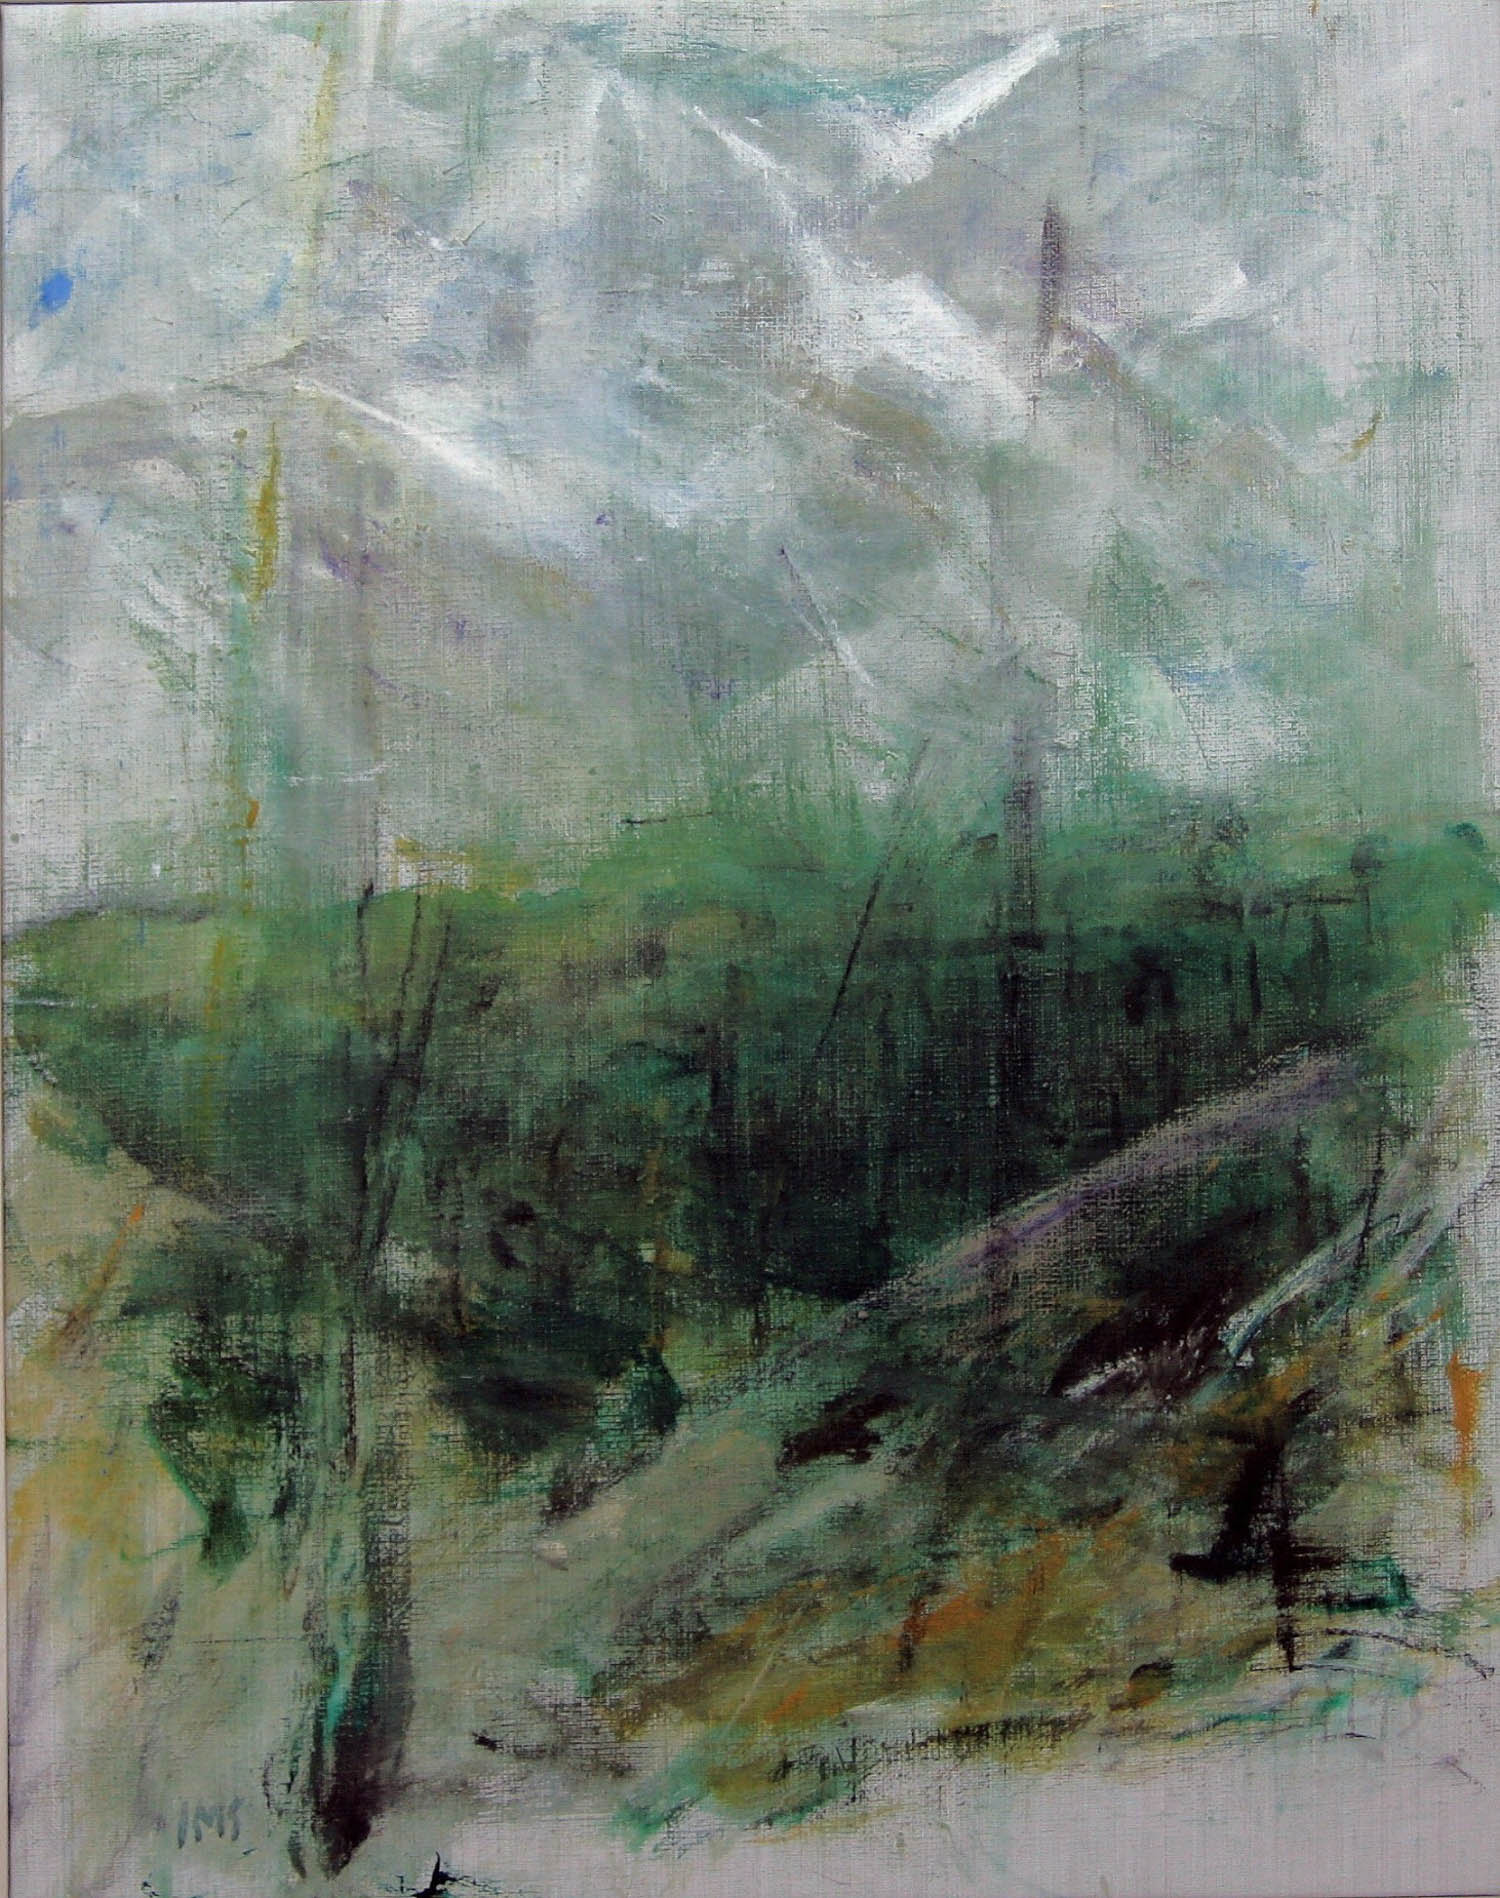 Landskap II / Landscape II